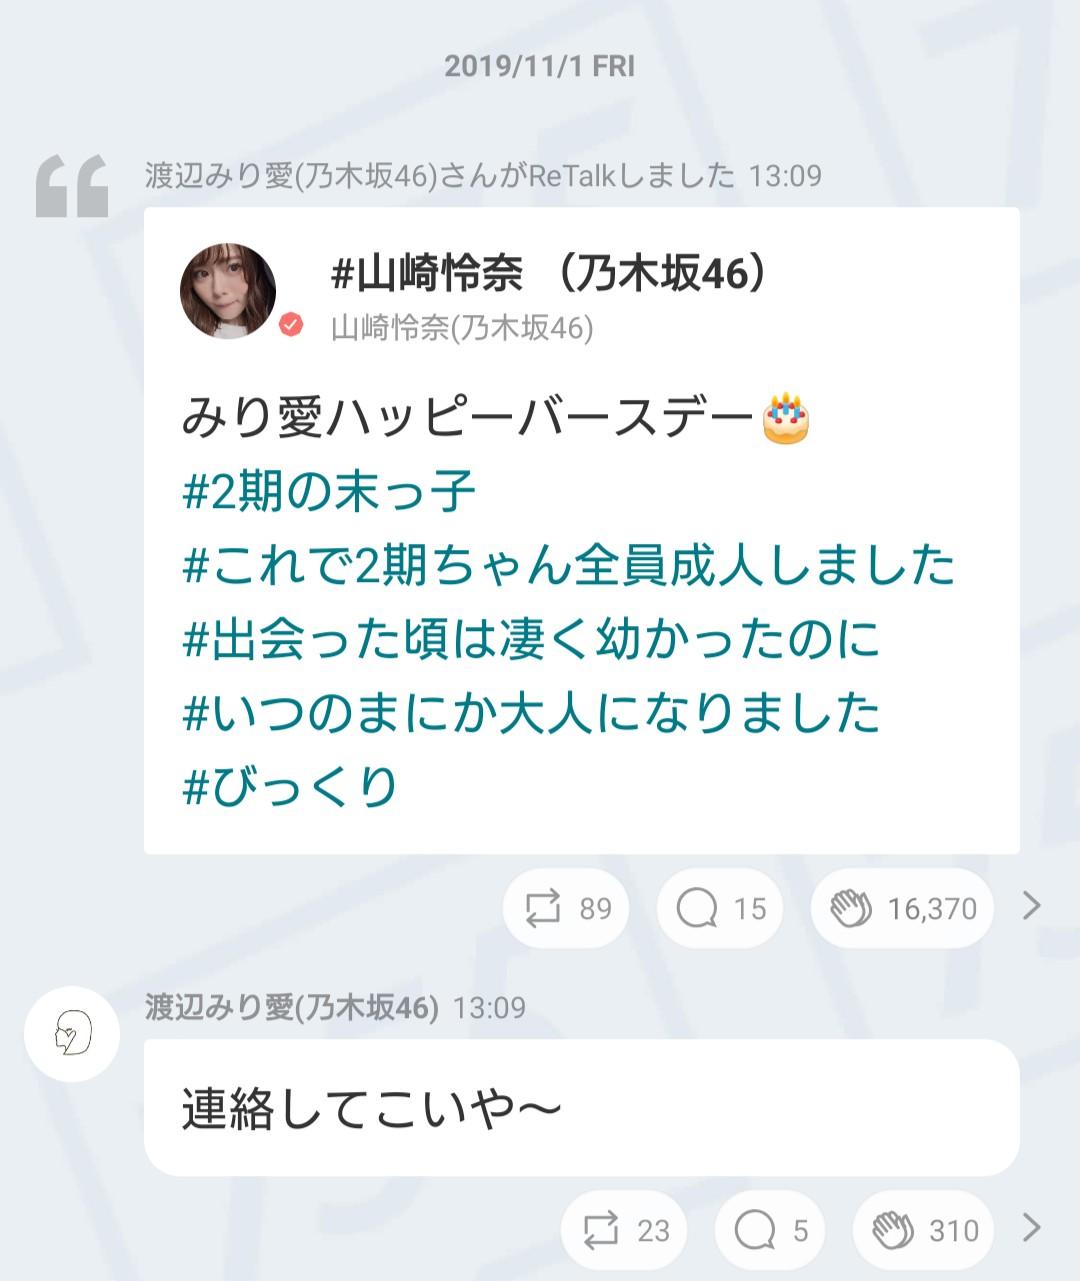 山崎怜奈755「みり愛ハッピーバースデー」→渡辺みり愛「連絡してこいや〜」